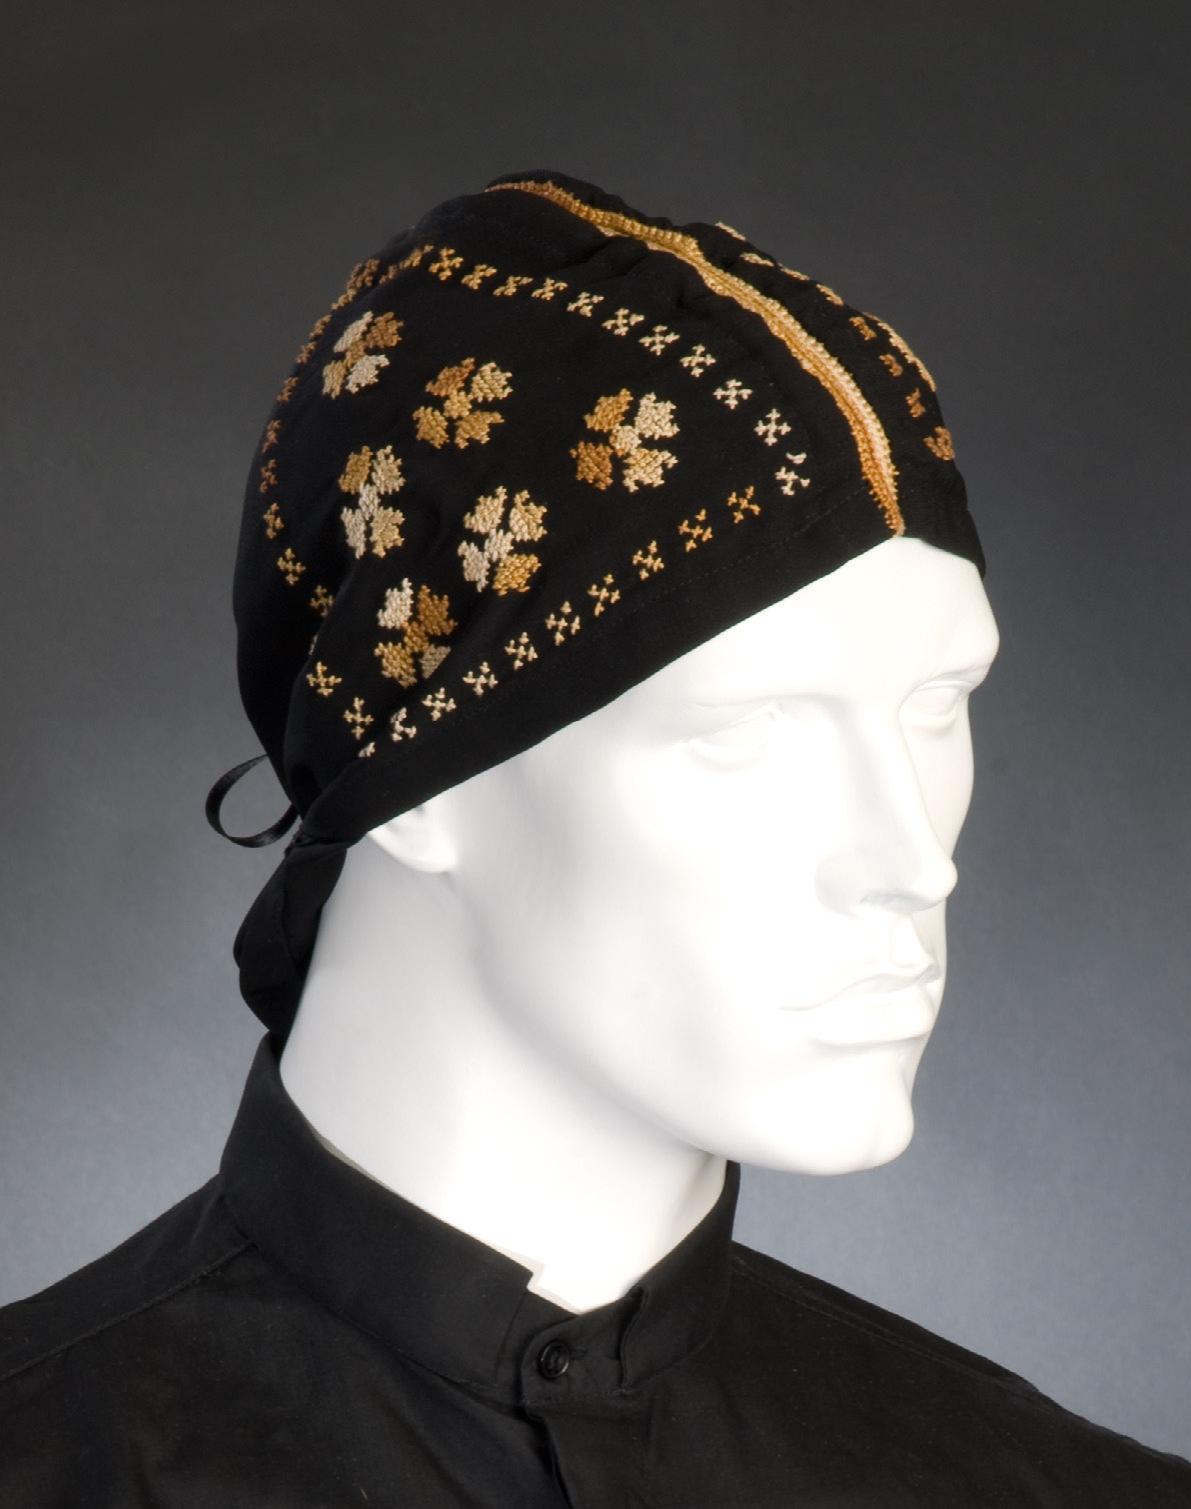 Что такое шапка бини? характерные черты шапки, модели, материалы, узоры, модные цвета. фото образов с бини в разных стилях.